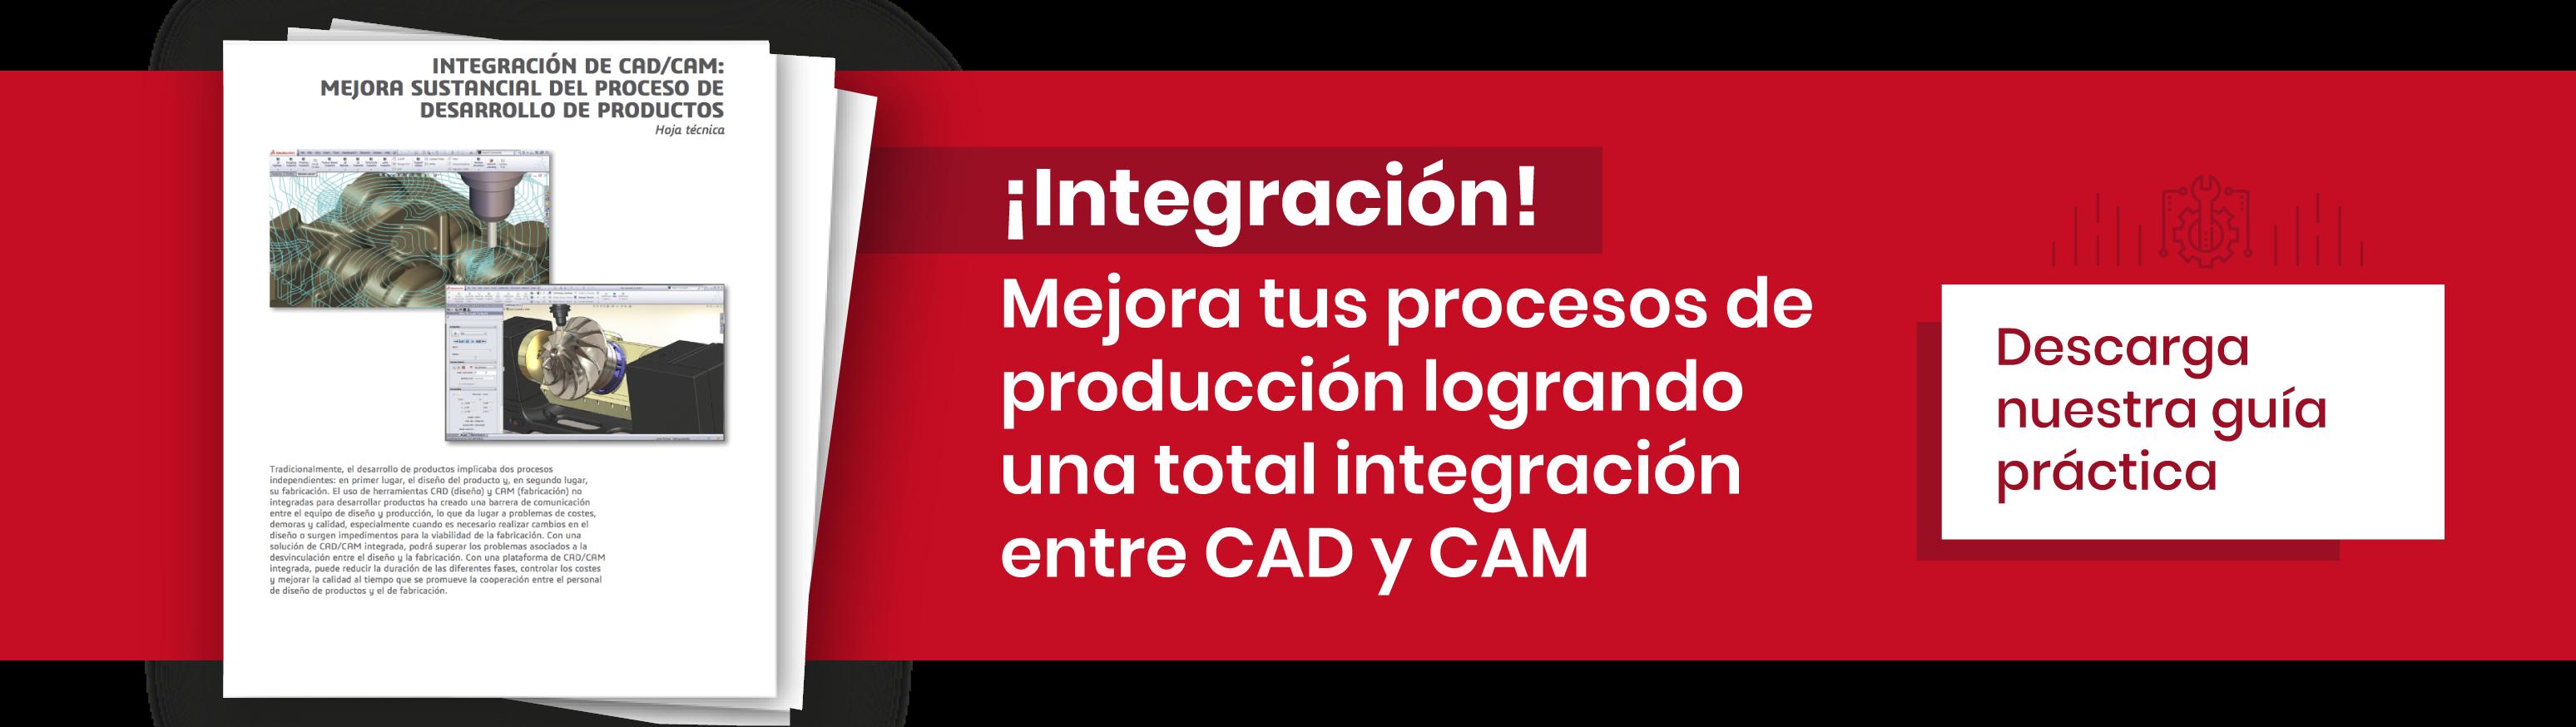 ¡Integración! Mejora tus procesos de producción logrando una total integración entre CAD y CAM